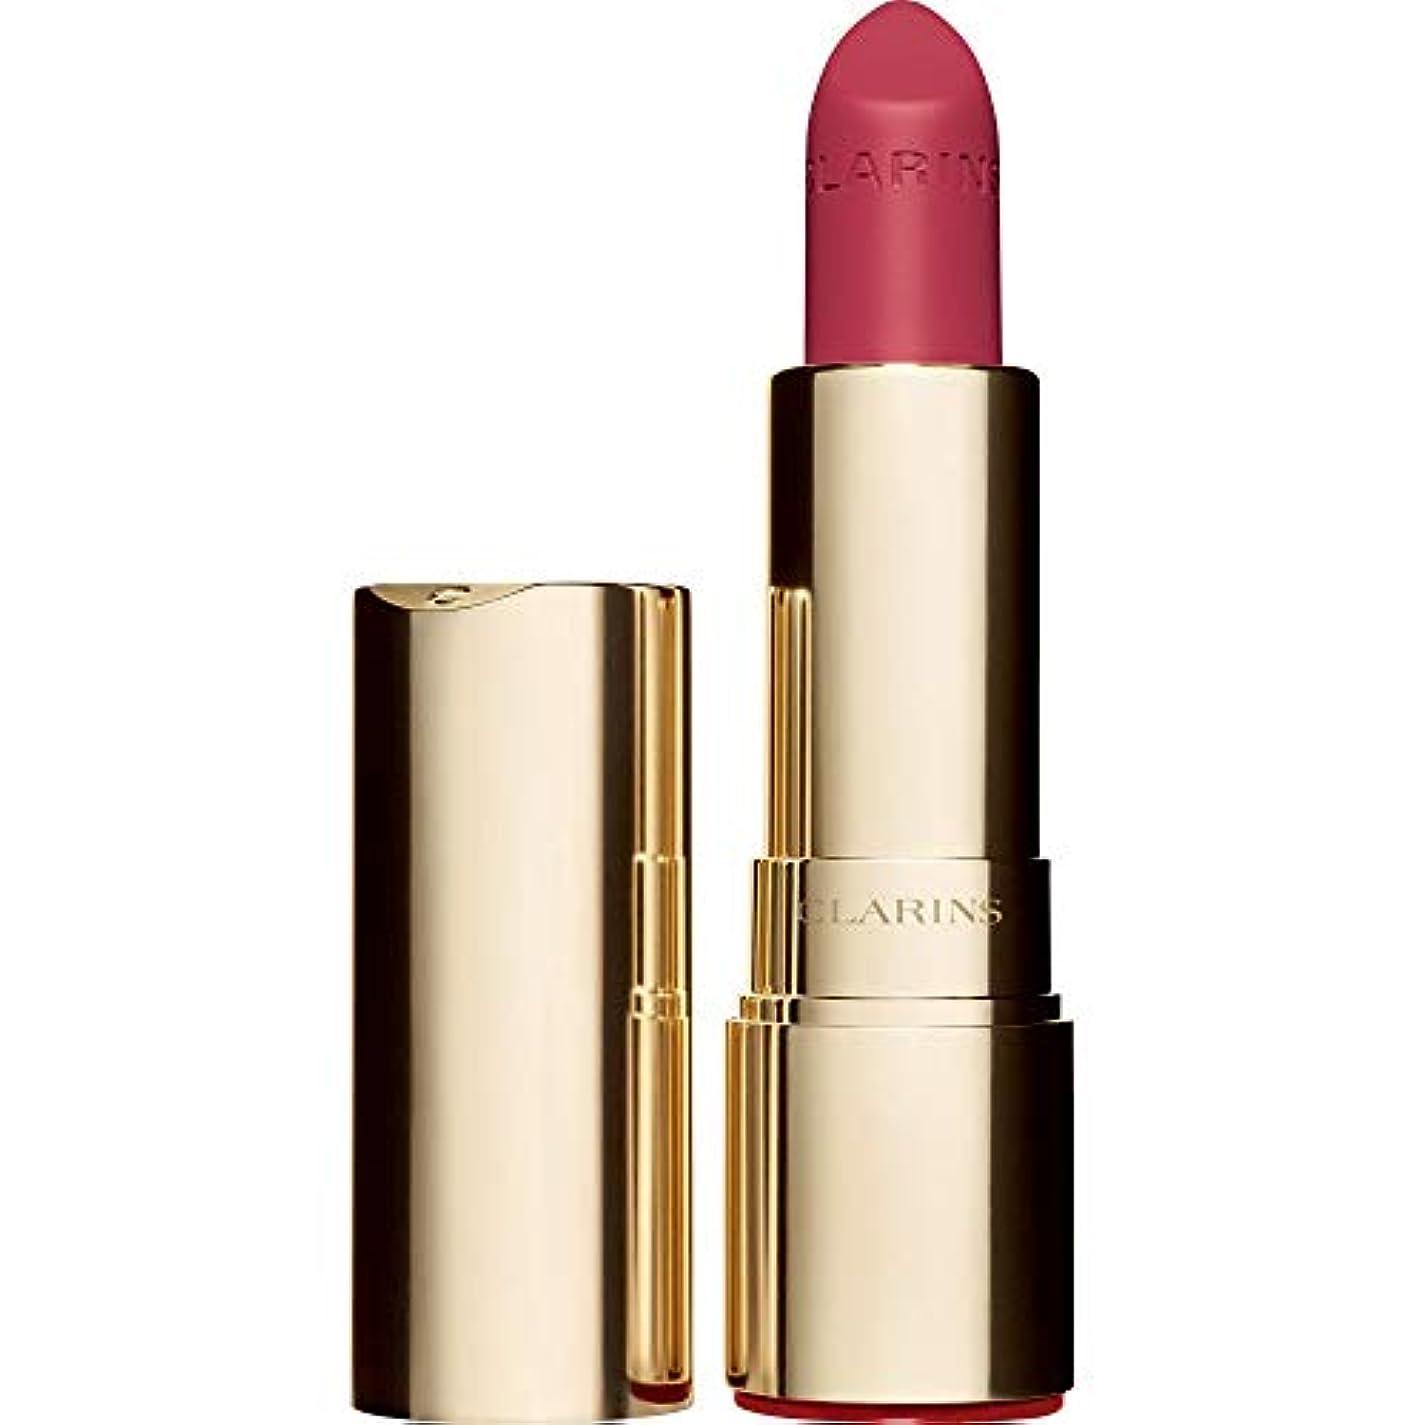 おばあさんファイル家禽[Clarins ] クラランスジョリルージュのベルベットの口紅3.5グラムの756V - グアバ - Clarins Joli Rouge Velvet Lipstick 3.5g 756V - Guava [並行輸入品]